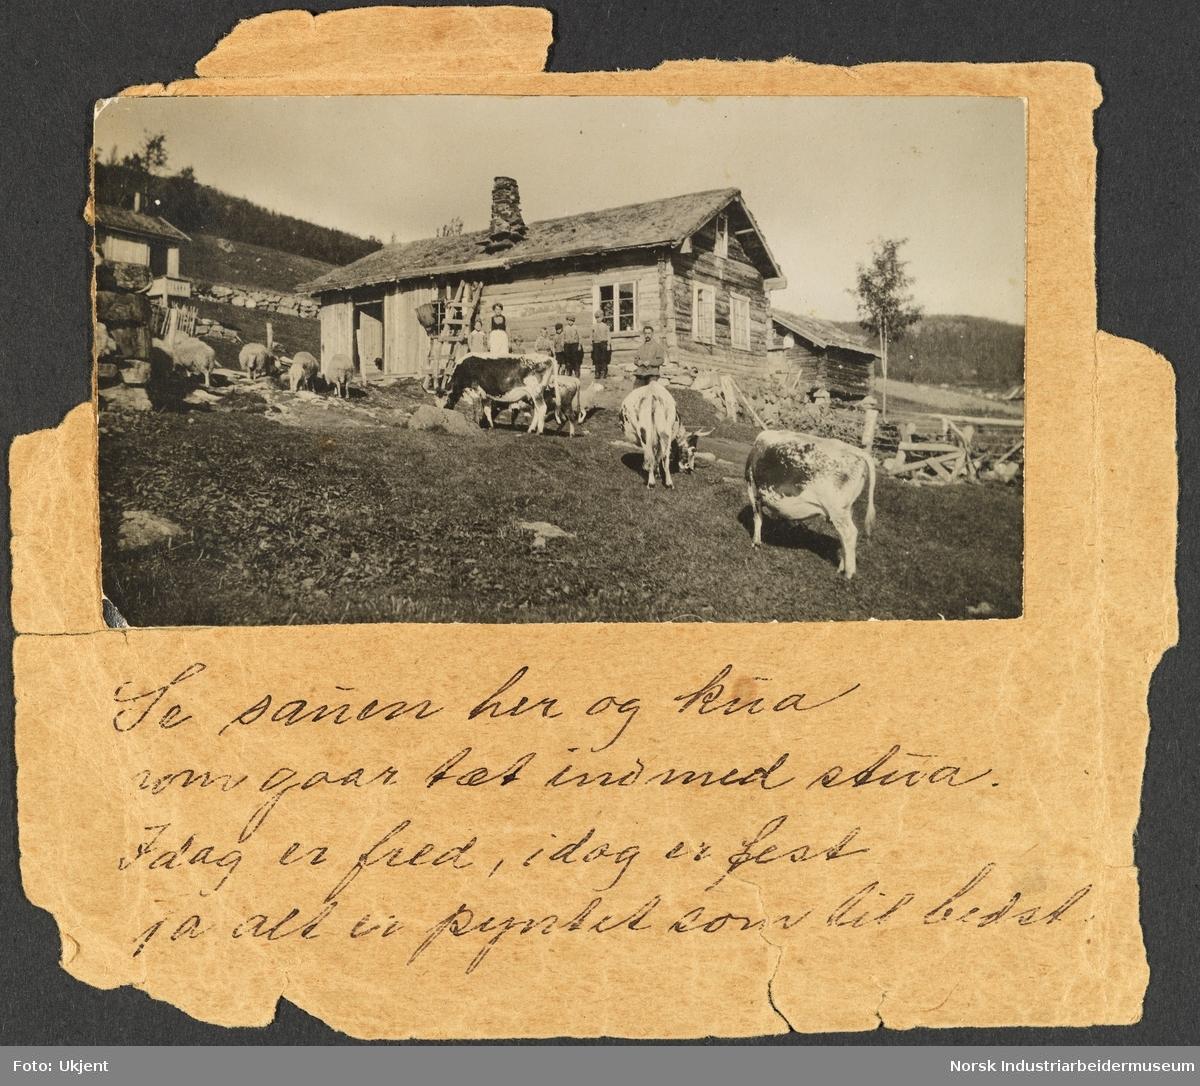 Gården Nord-Vågen på Møsstrond. Ola og Anne Vågen med barna står ved gamlestugo. I lia gresser Telemarkskyr og sau. Andre hus, fjøs og gårdsbygninger